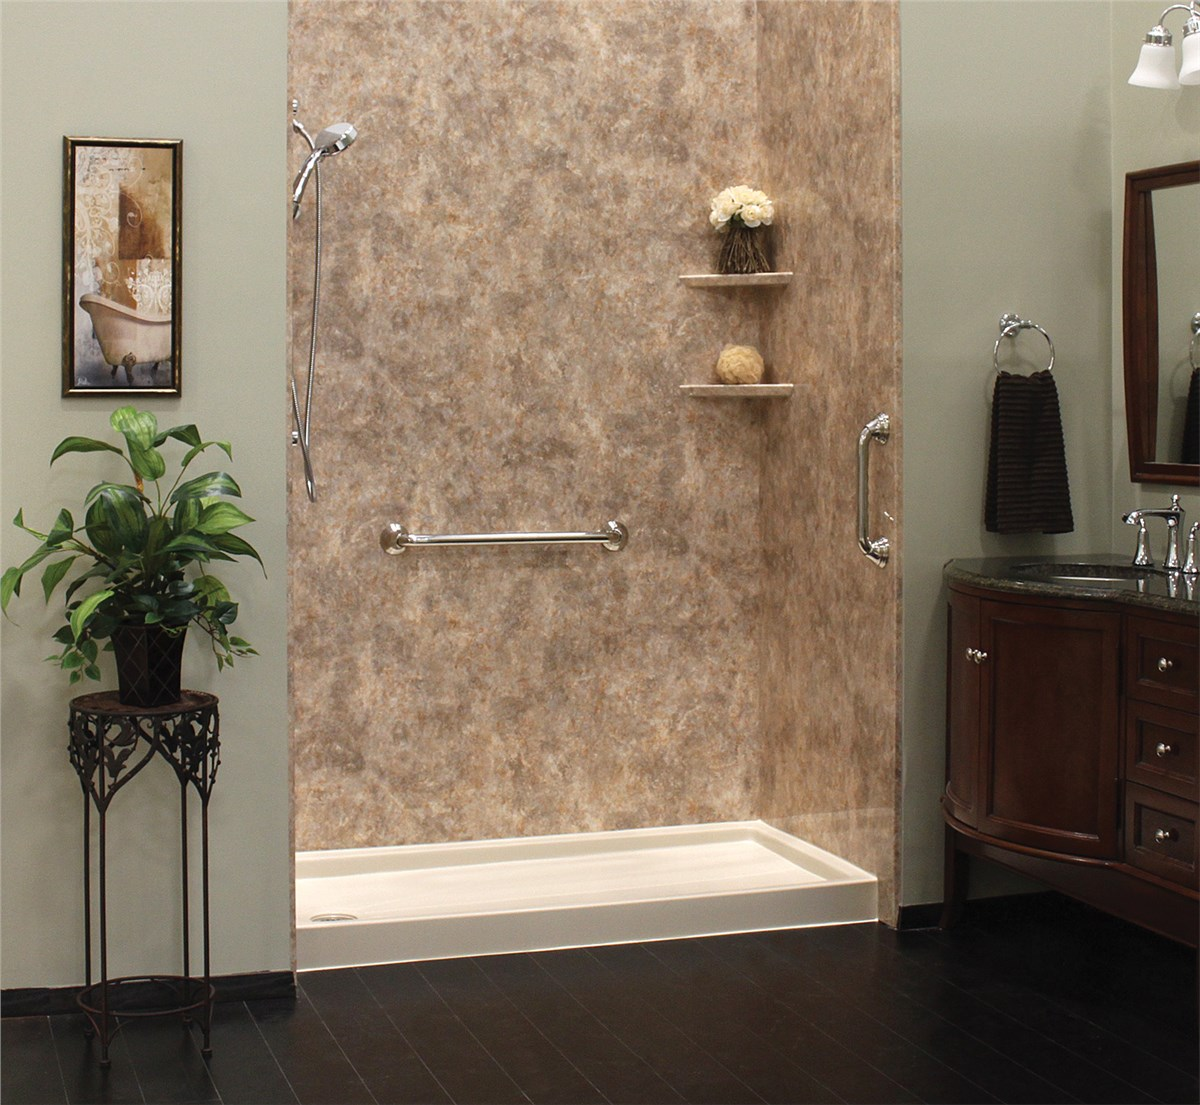 Green Bay WalkIn Showers  Madison WalkIn Showers  Tundraland